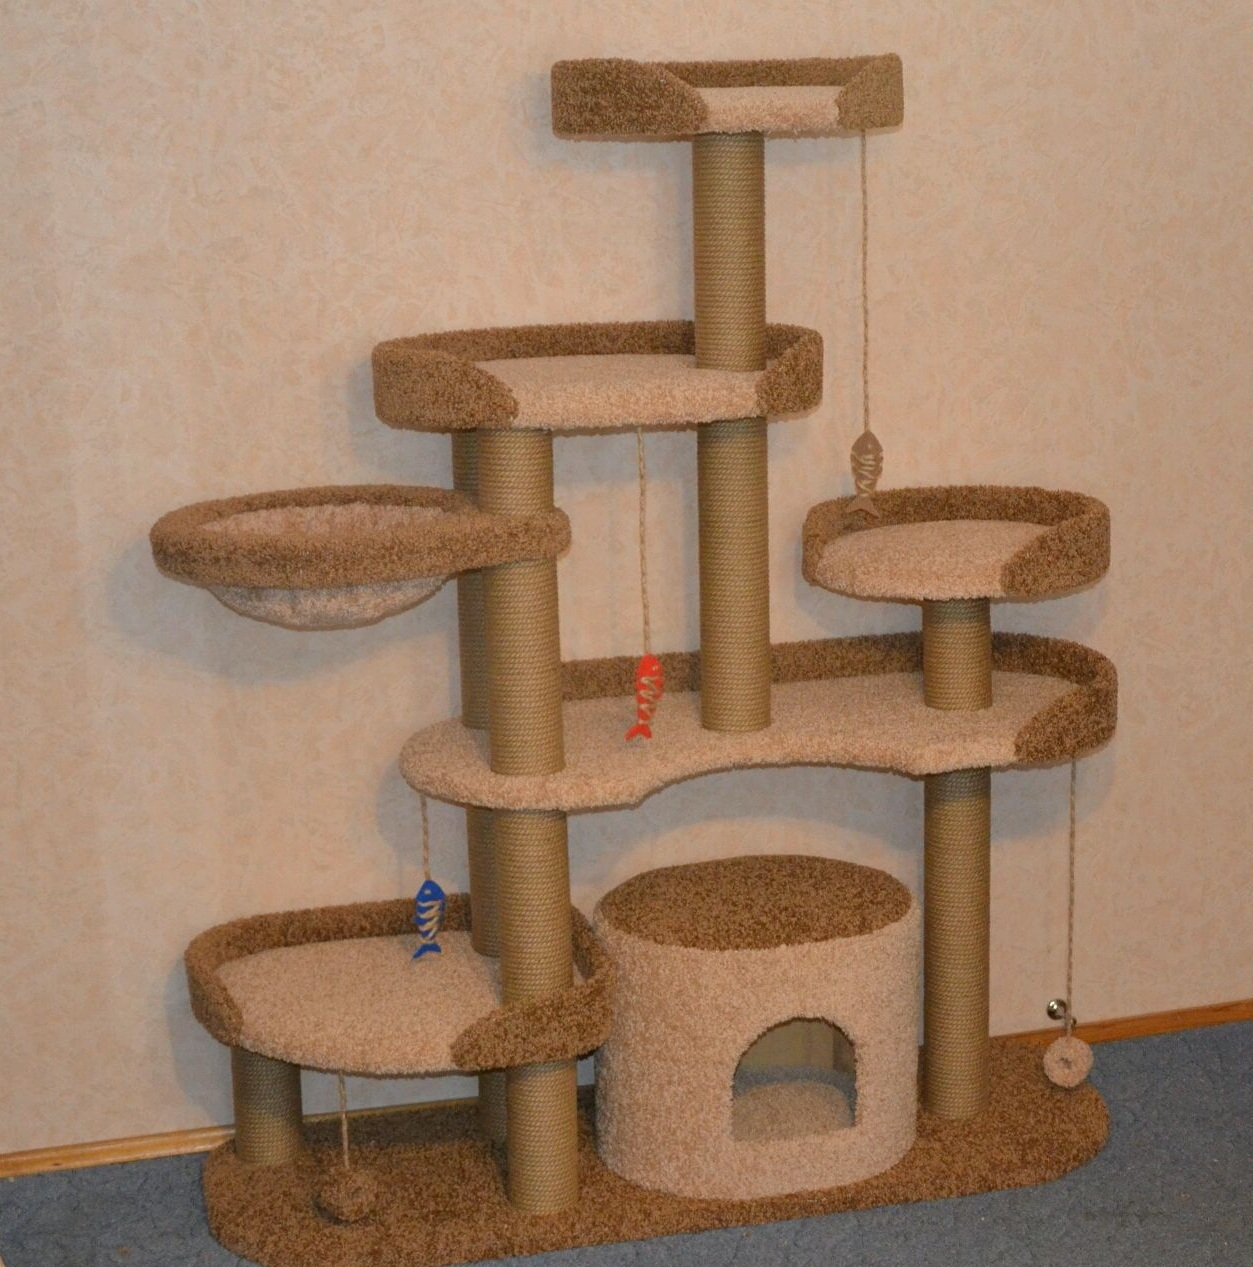 картинки домов для кошек по шагово результате скульптора